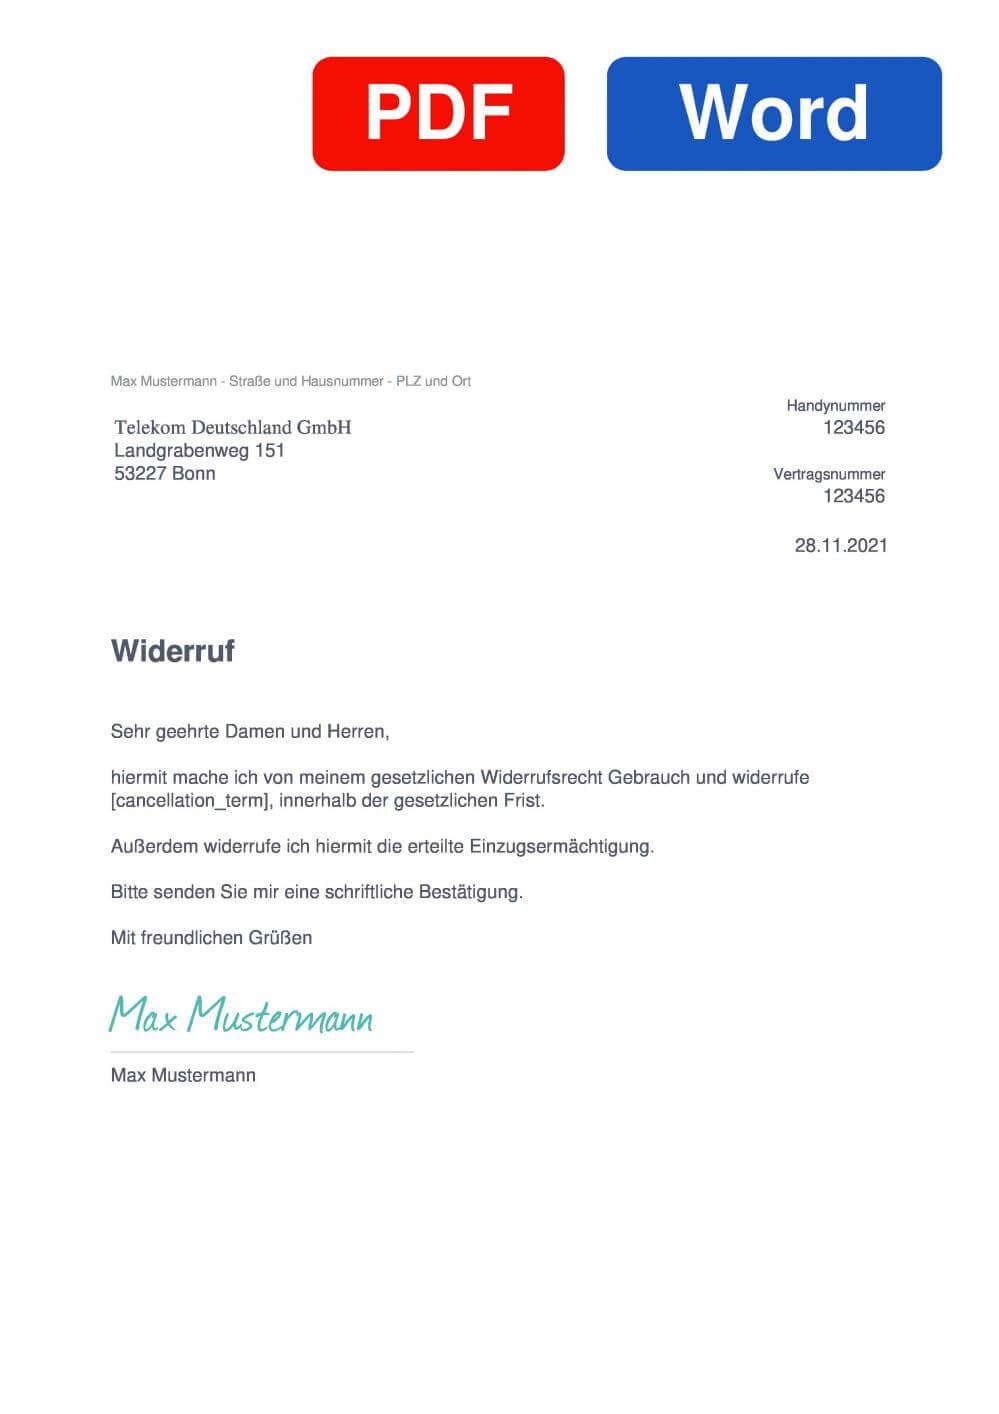 Telekom Mobilfunk Muster Vorlage für Wiederrufsschreiben